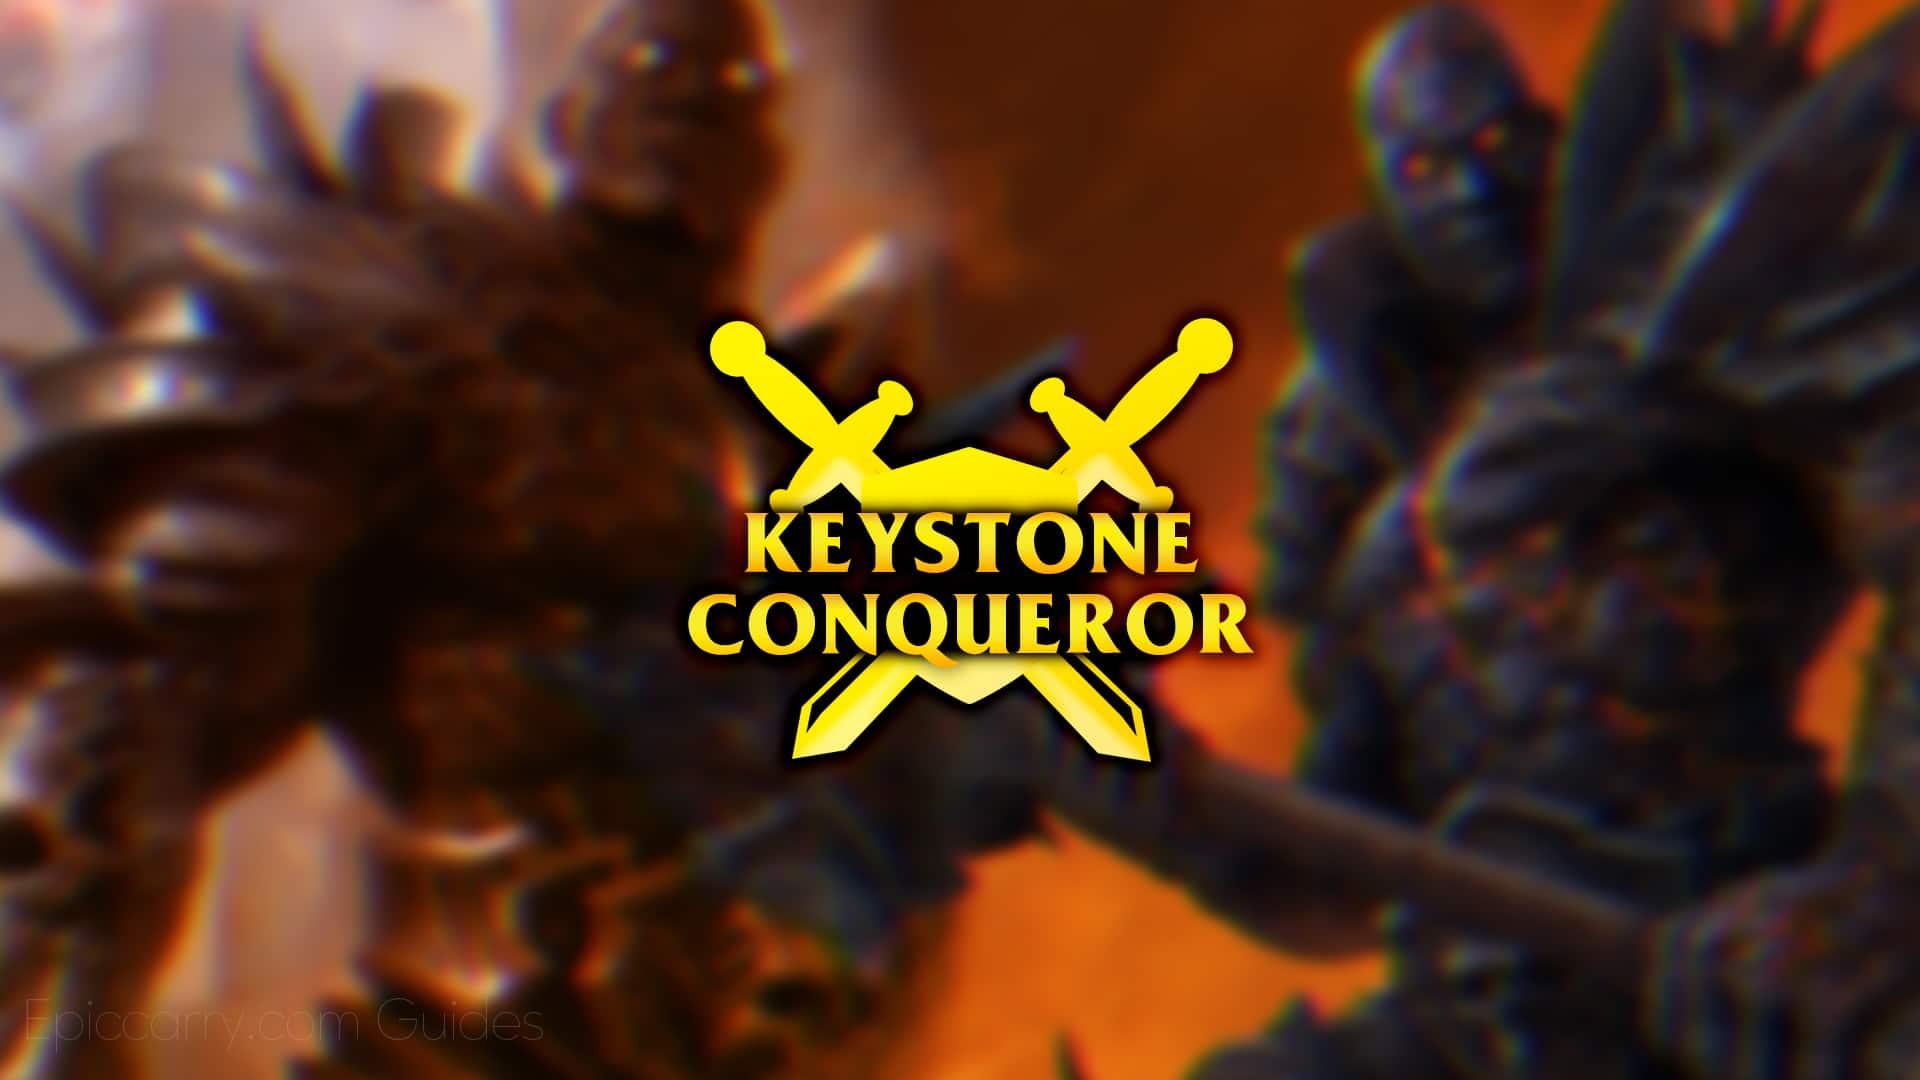 Wow Keystone Conqueror — Ways To Get